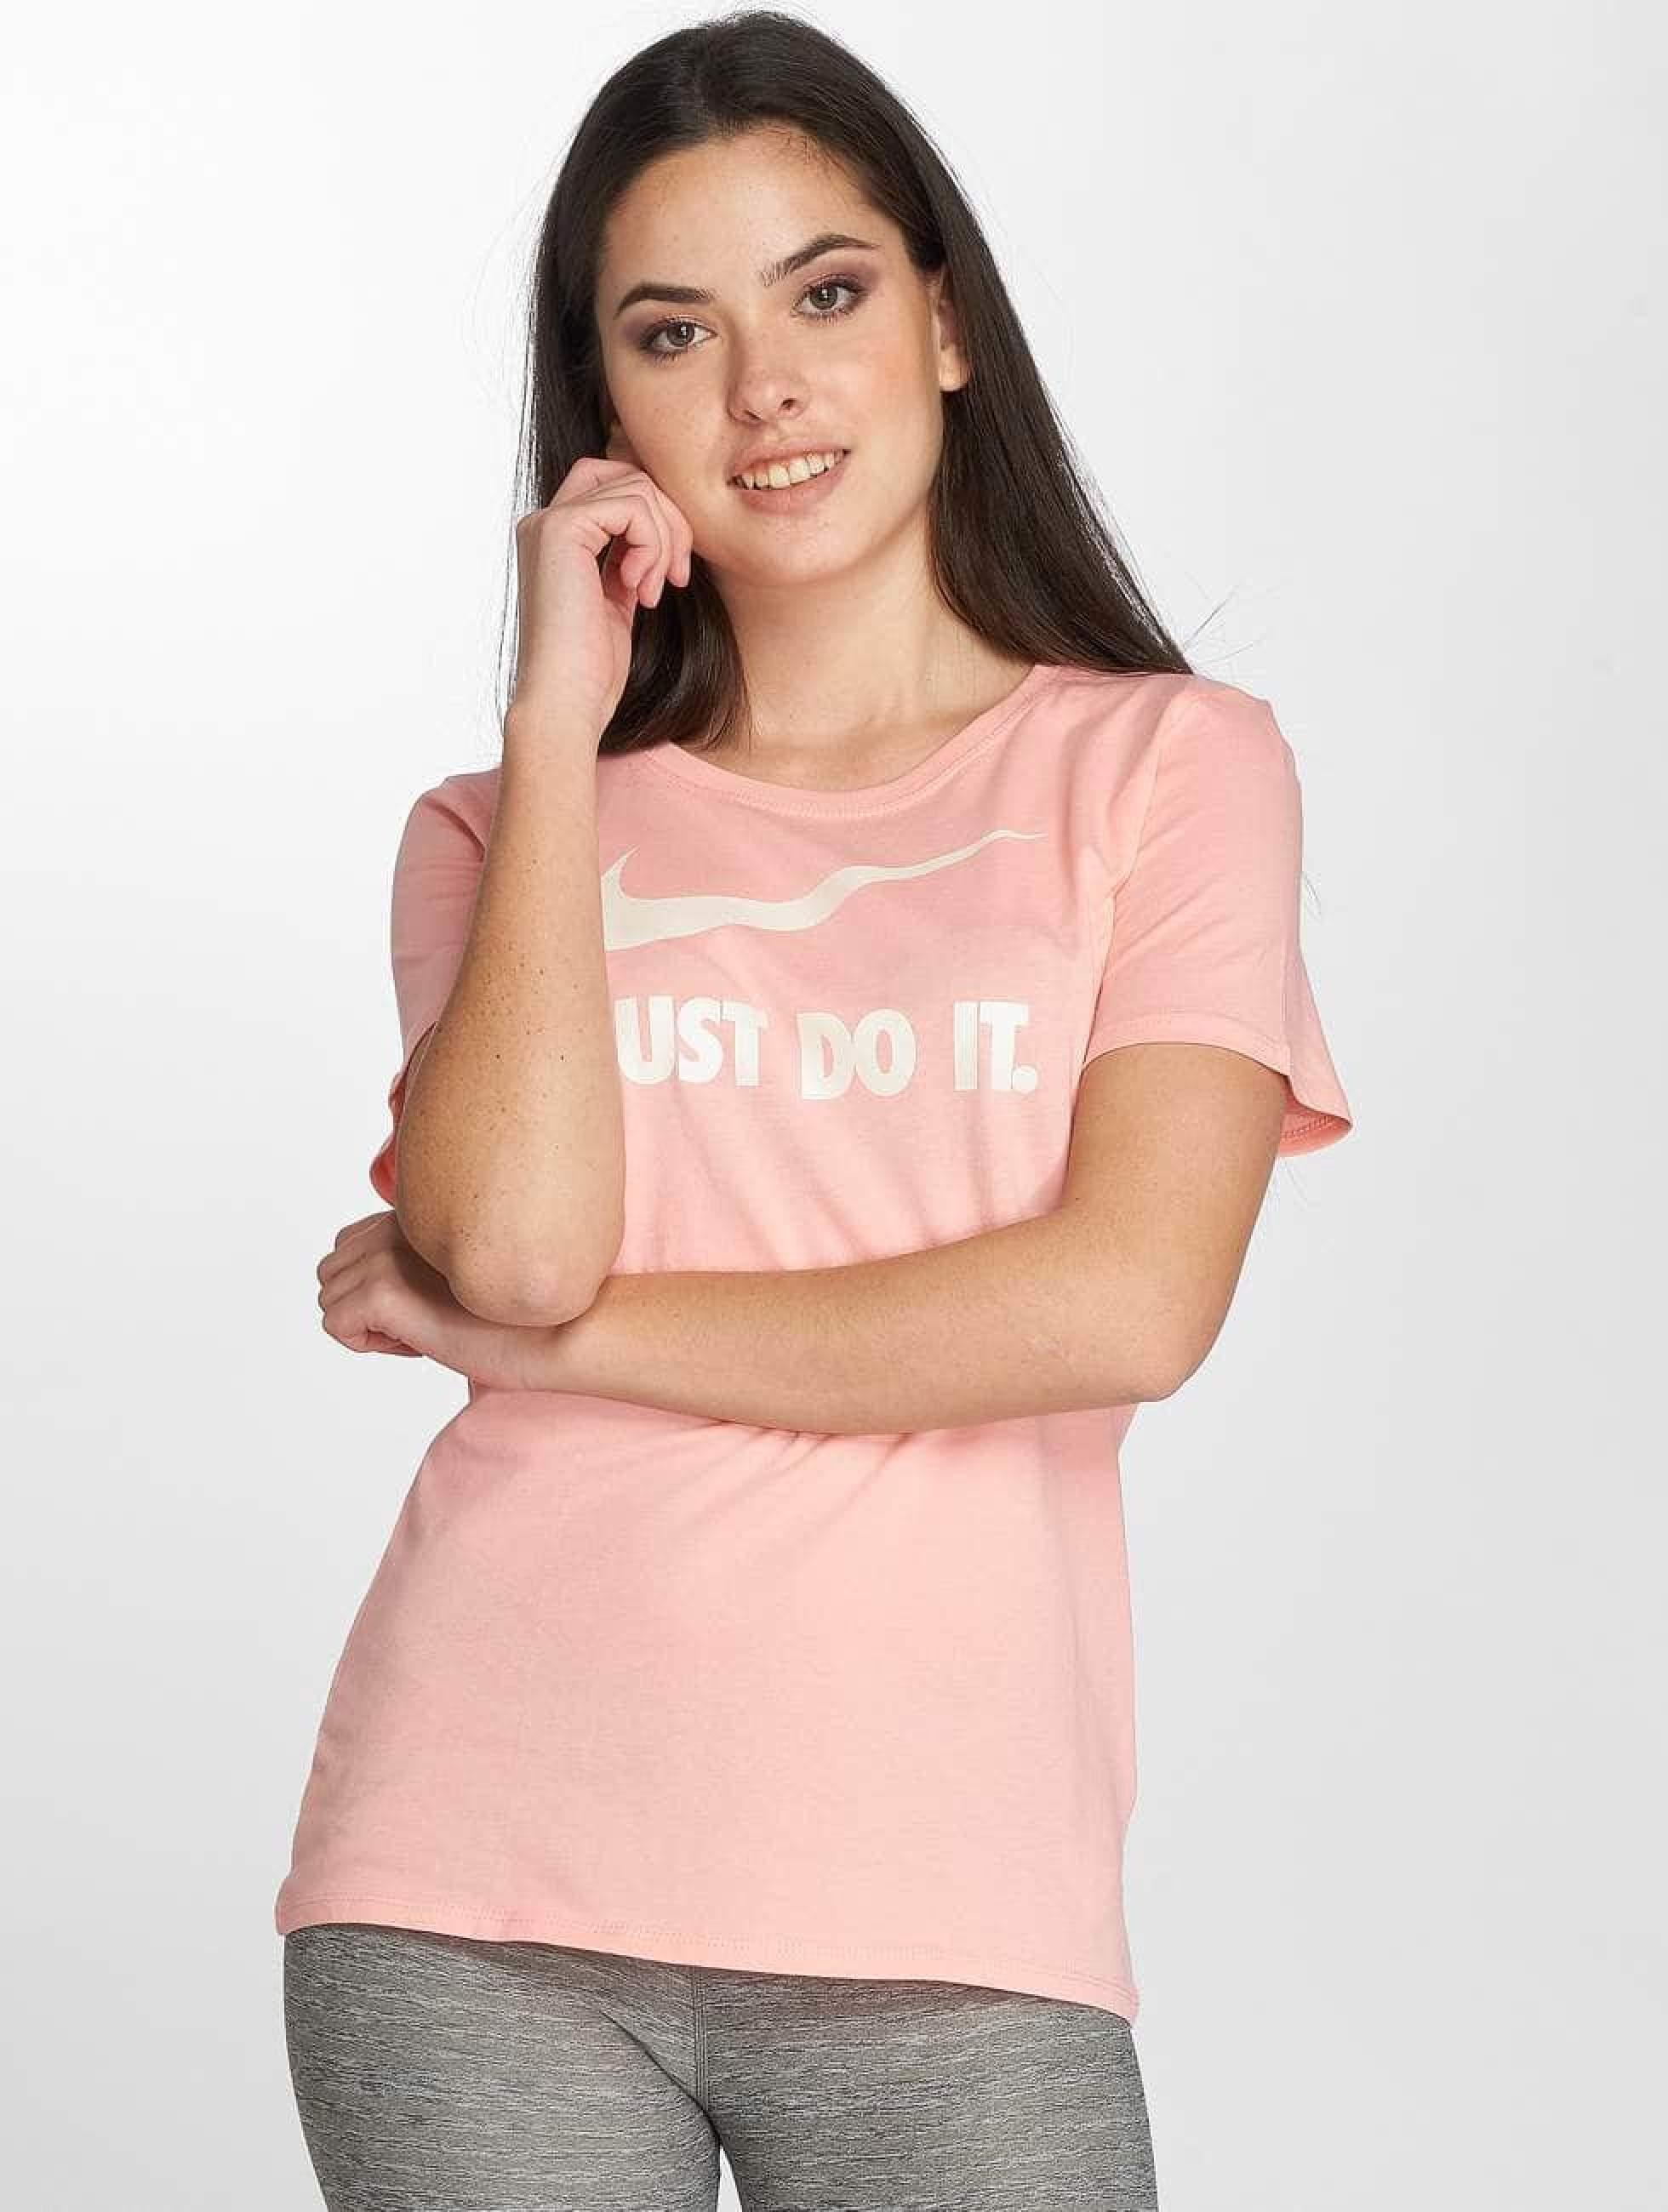 Nike Frauen T-Shirt Sportswear in rosa